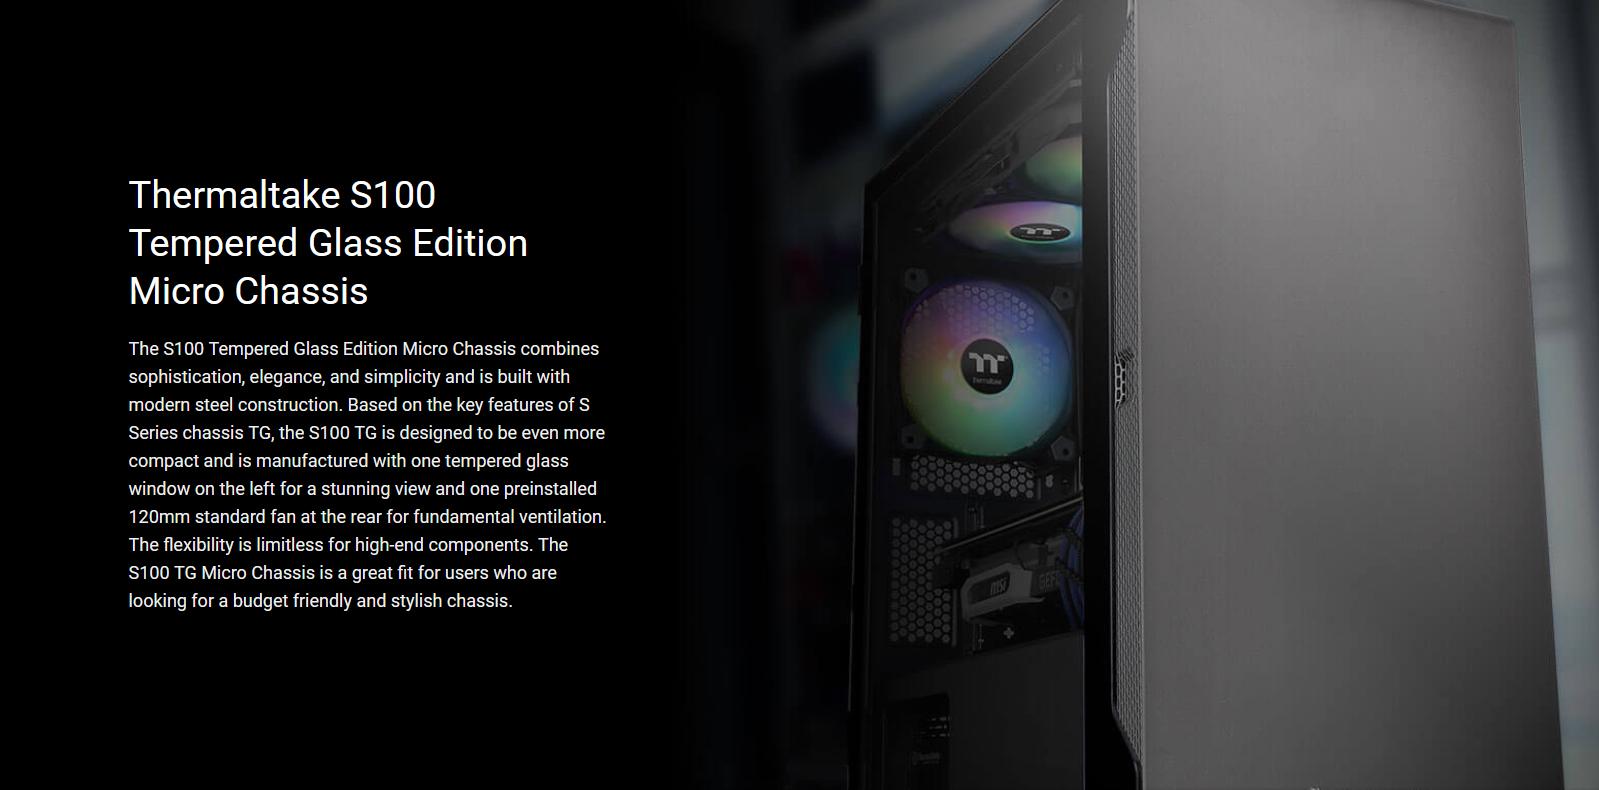 Vỏ Case Thermaltake S100 Tempered Glass (Mid Tower / Màu Đen) - Khung siêu nhỏ trang bị kính cường lực